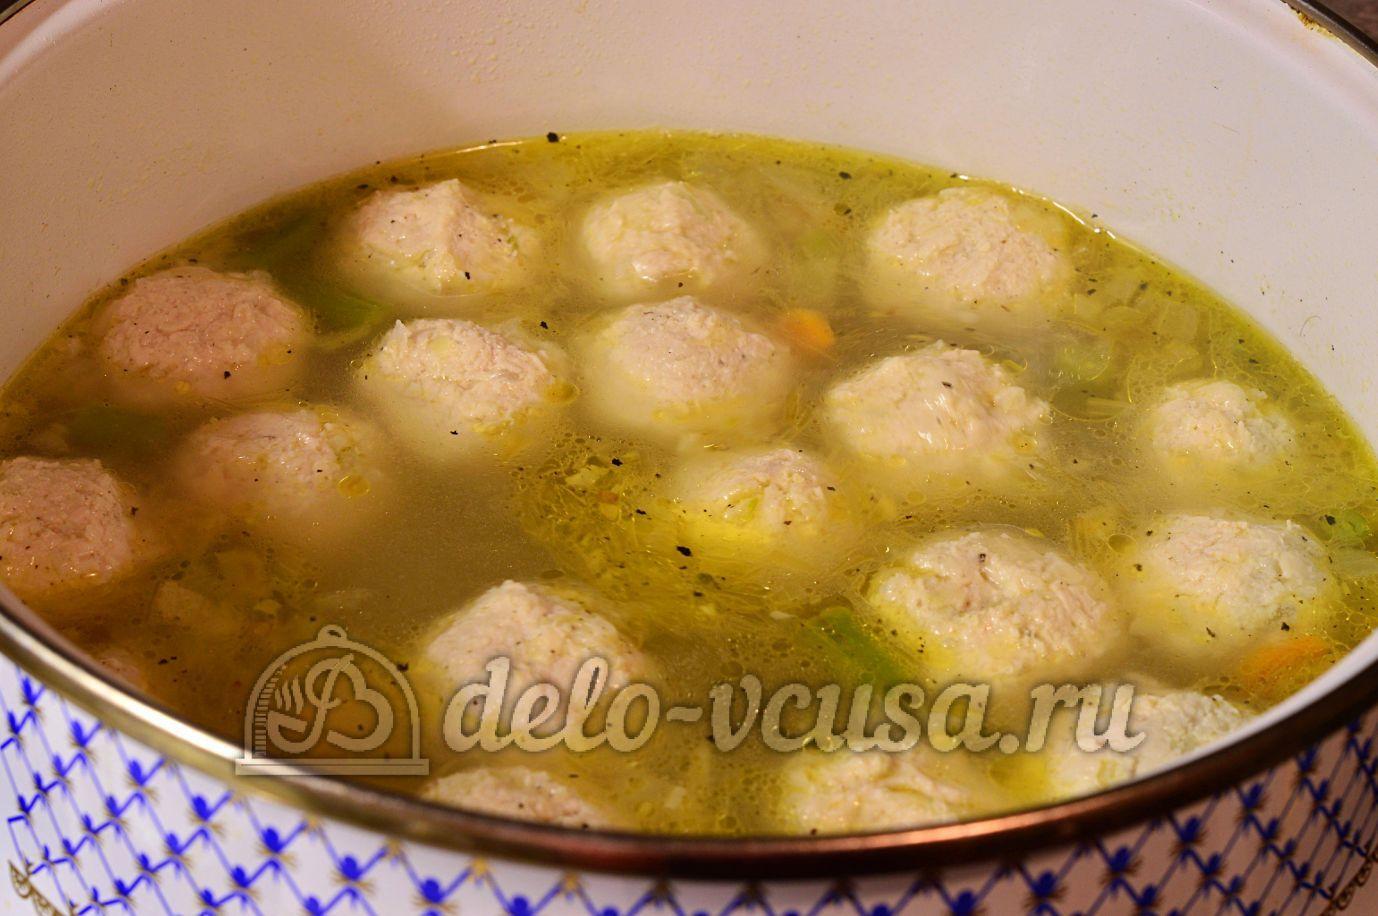 Рецепт вторых блюд с грибами и курицей